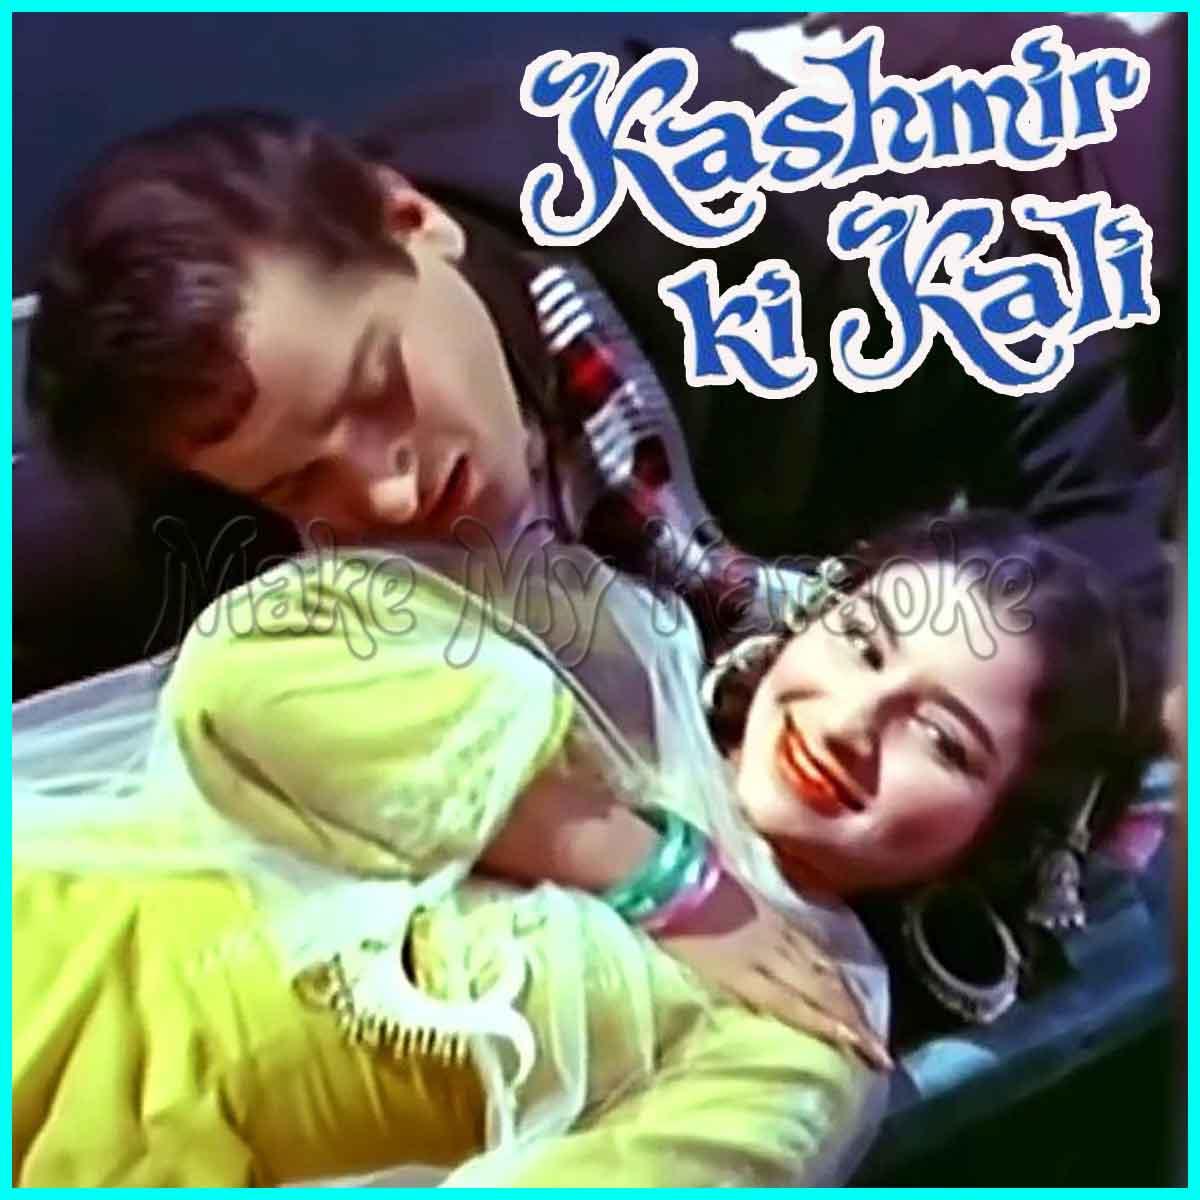 kashmir ki kali all songs mp3 download